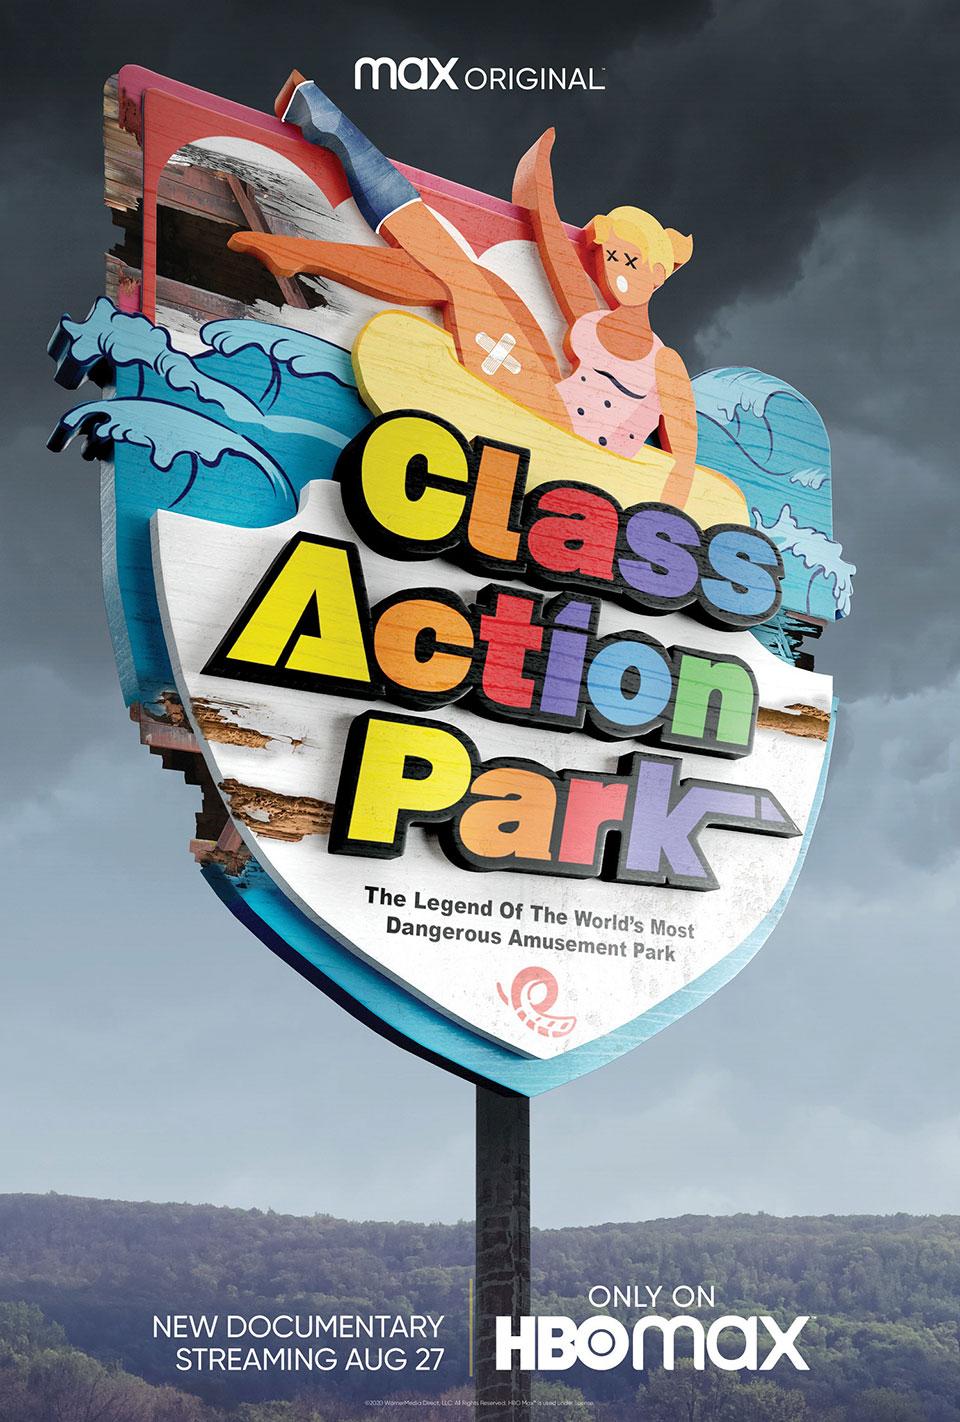 Class Action Park (Trailer)